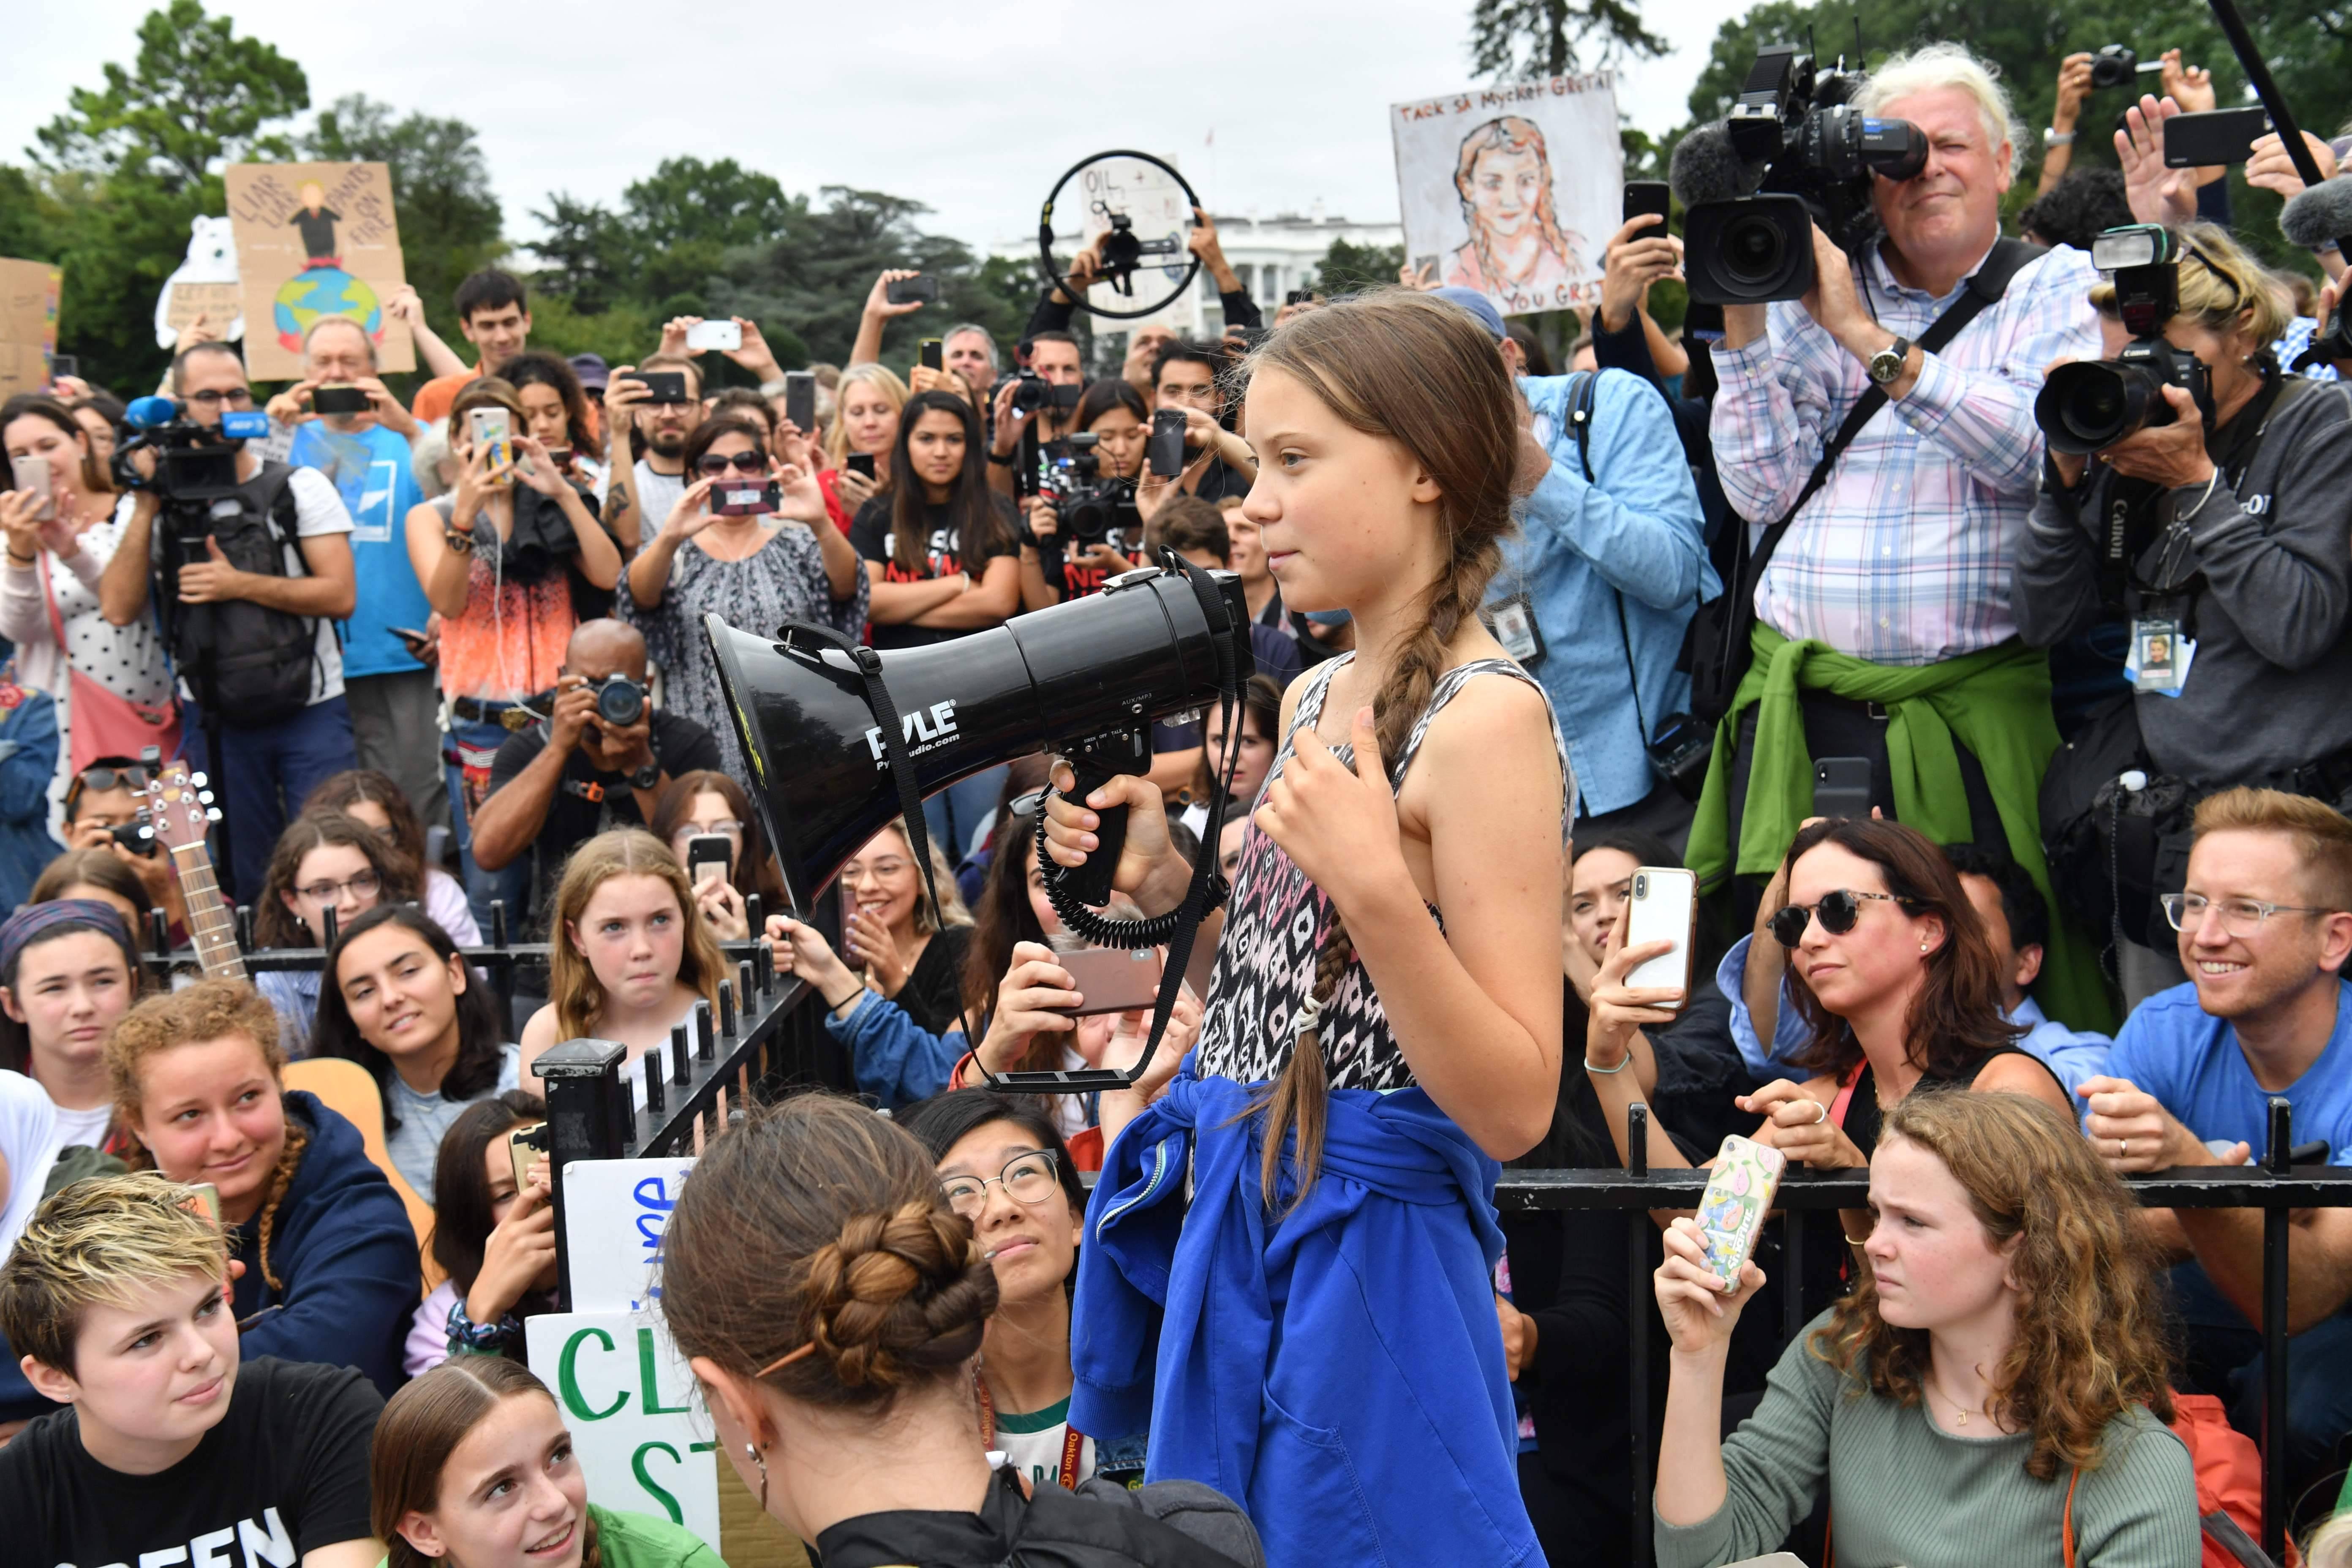 A menina Greta Thunberg ganhou destaque em todo o mundo desde quando iniciou um movimento de greve nas escolas em defesa do meio ambiente. Foto: Nicholas Kamm